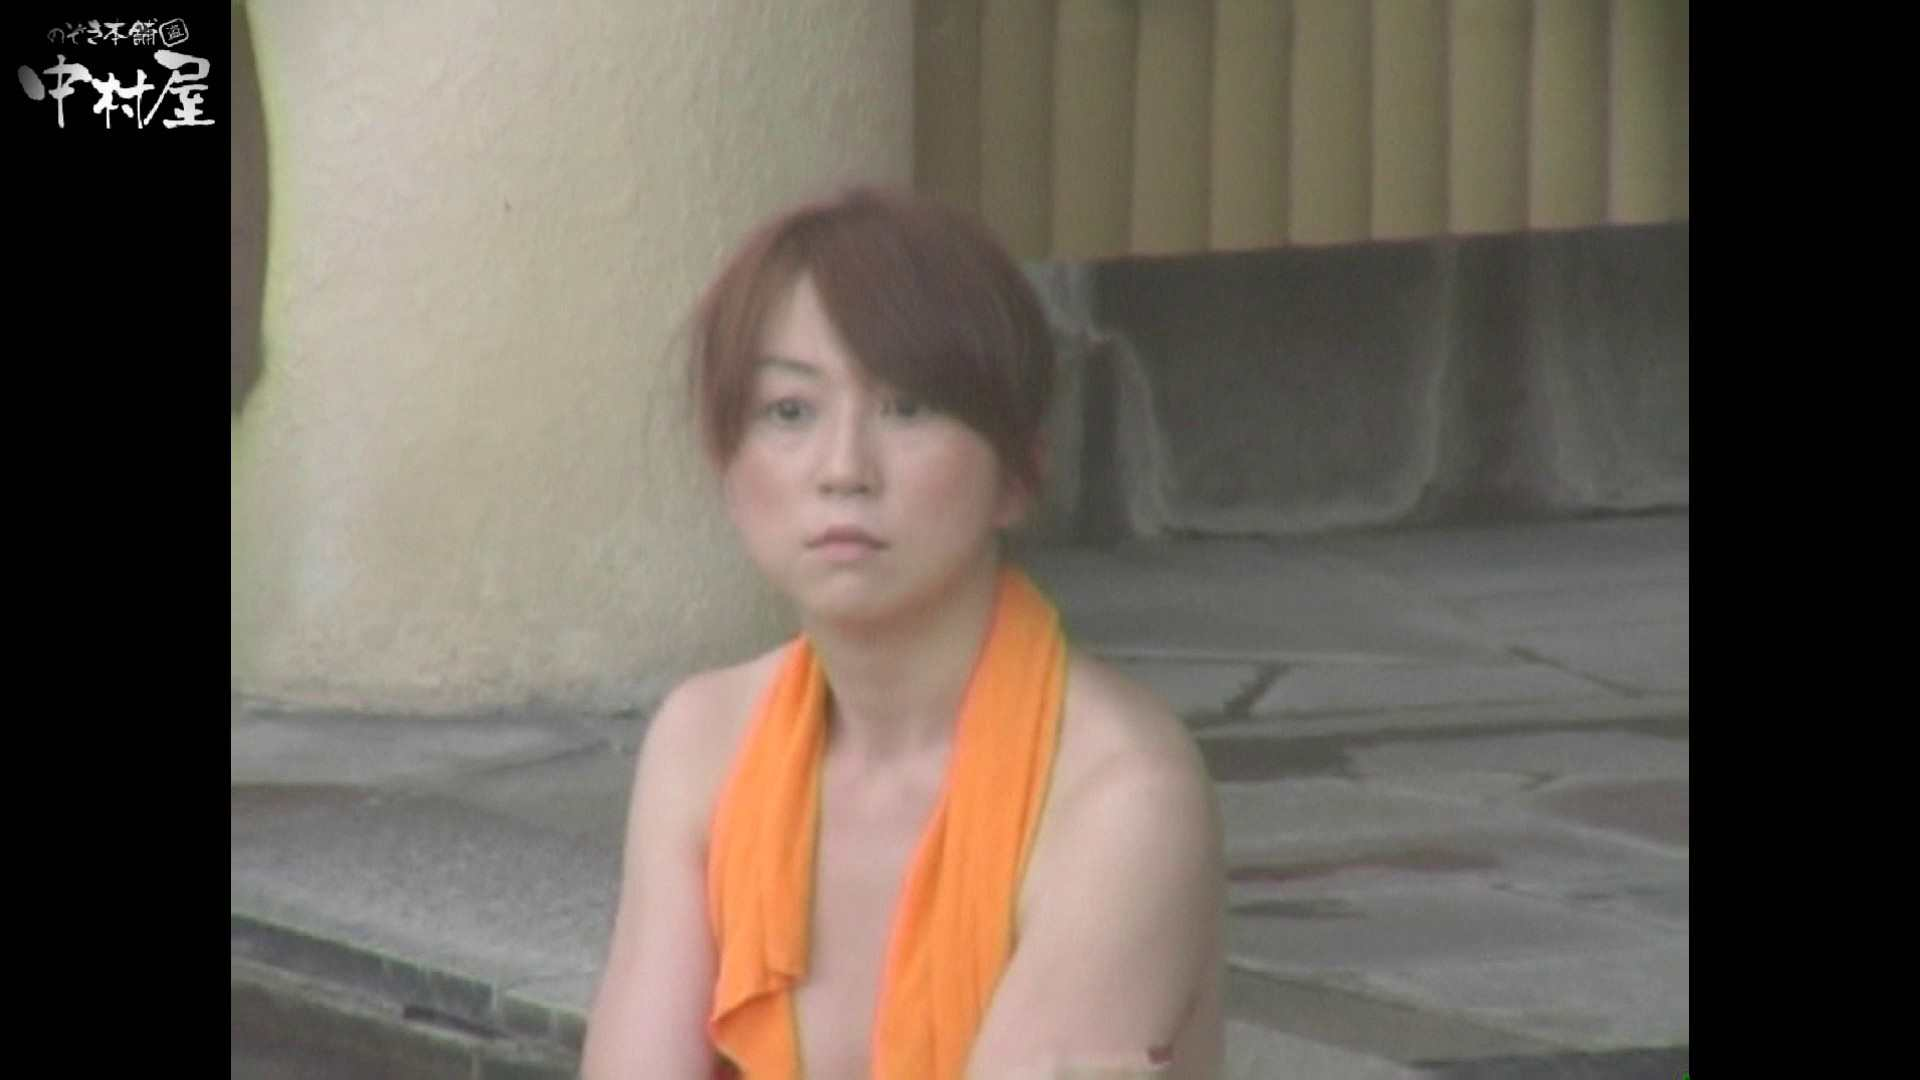 Aquaな露天風呂Vol.941 美しいOLの裸体 アダルト動画キャプチャ 76pic 17